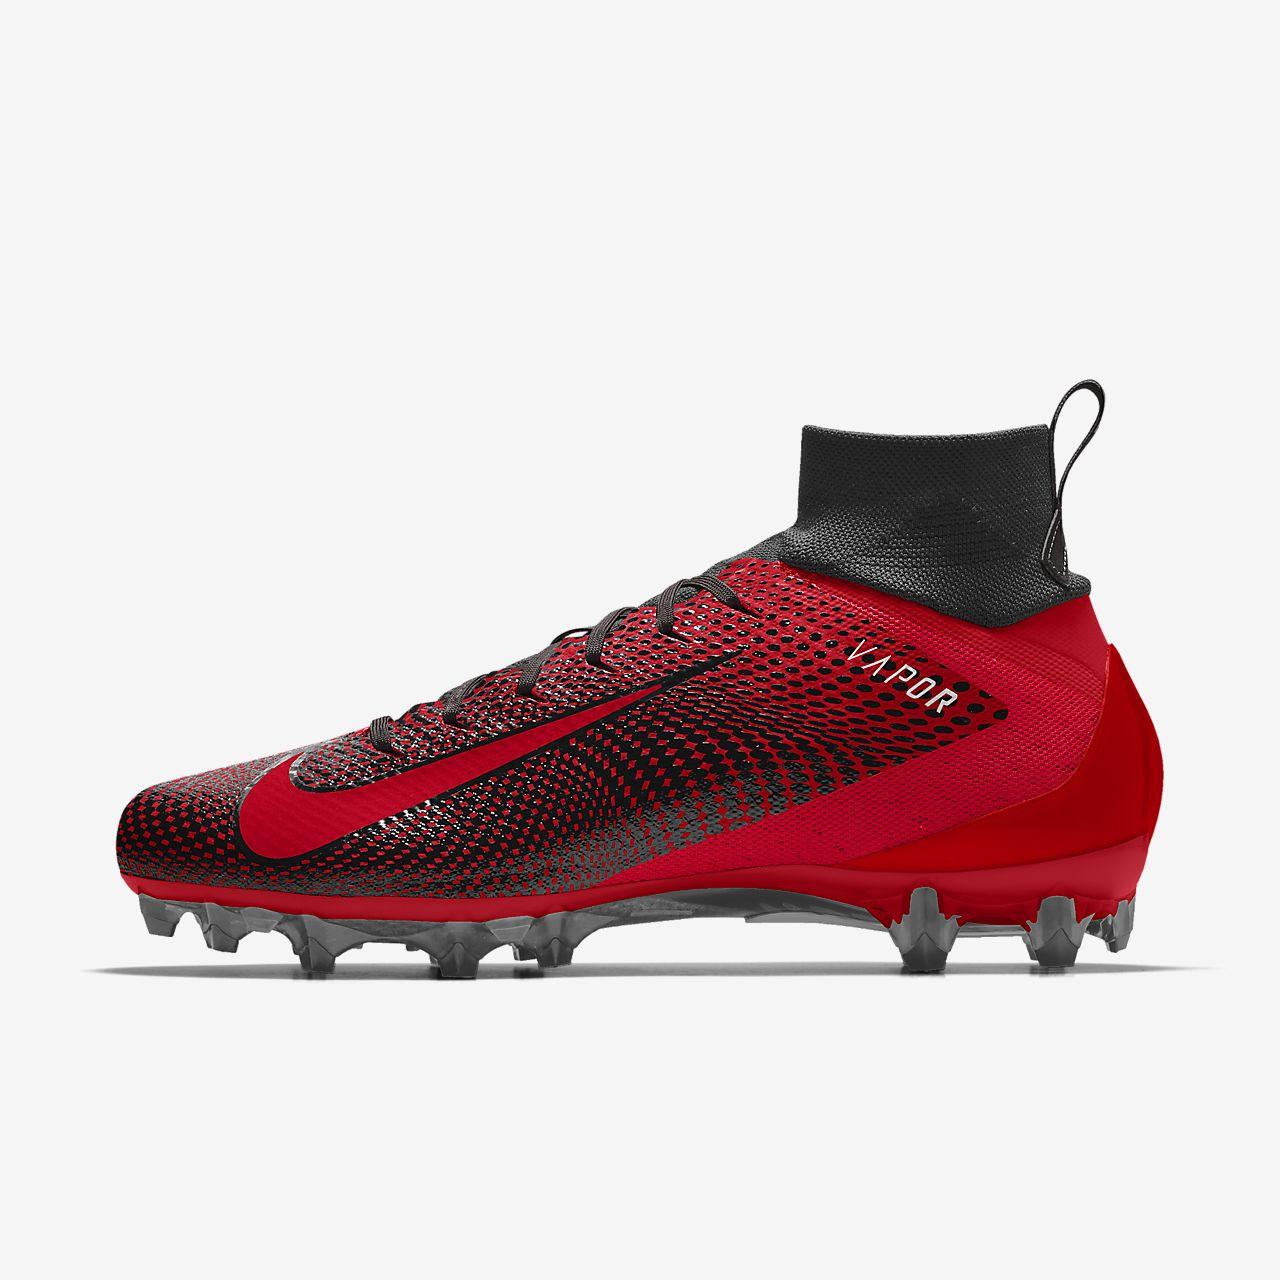 Specialdesignad fotbollssko Nike Vapor Untouchable Pro 3 By You för män